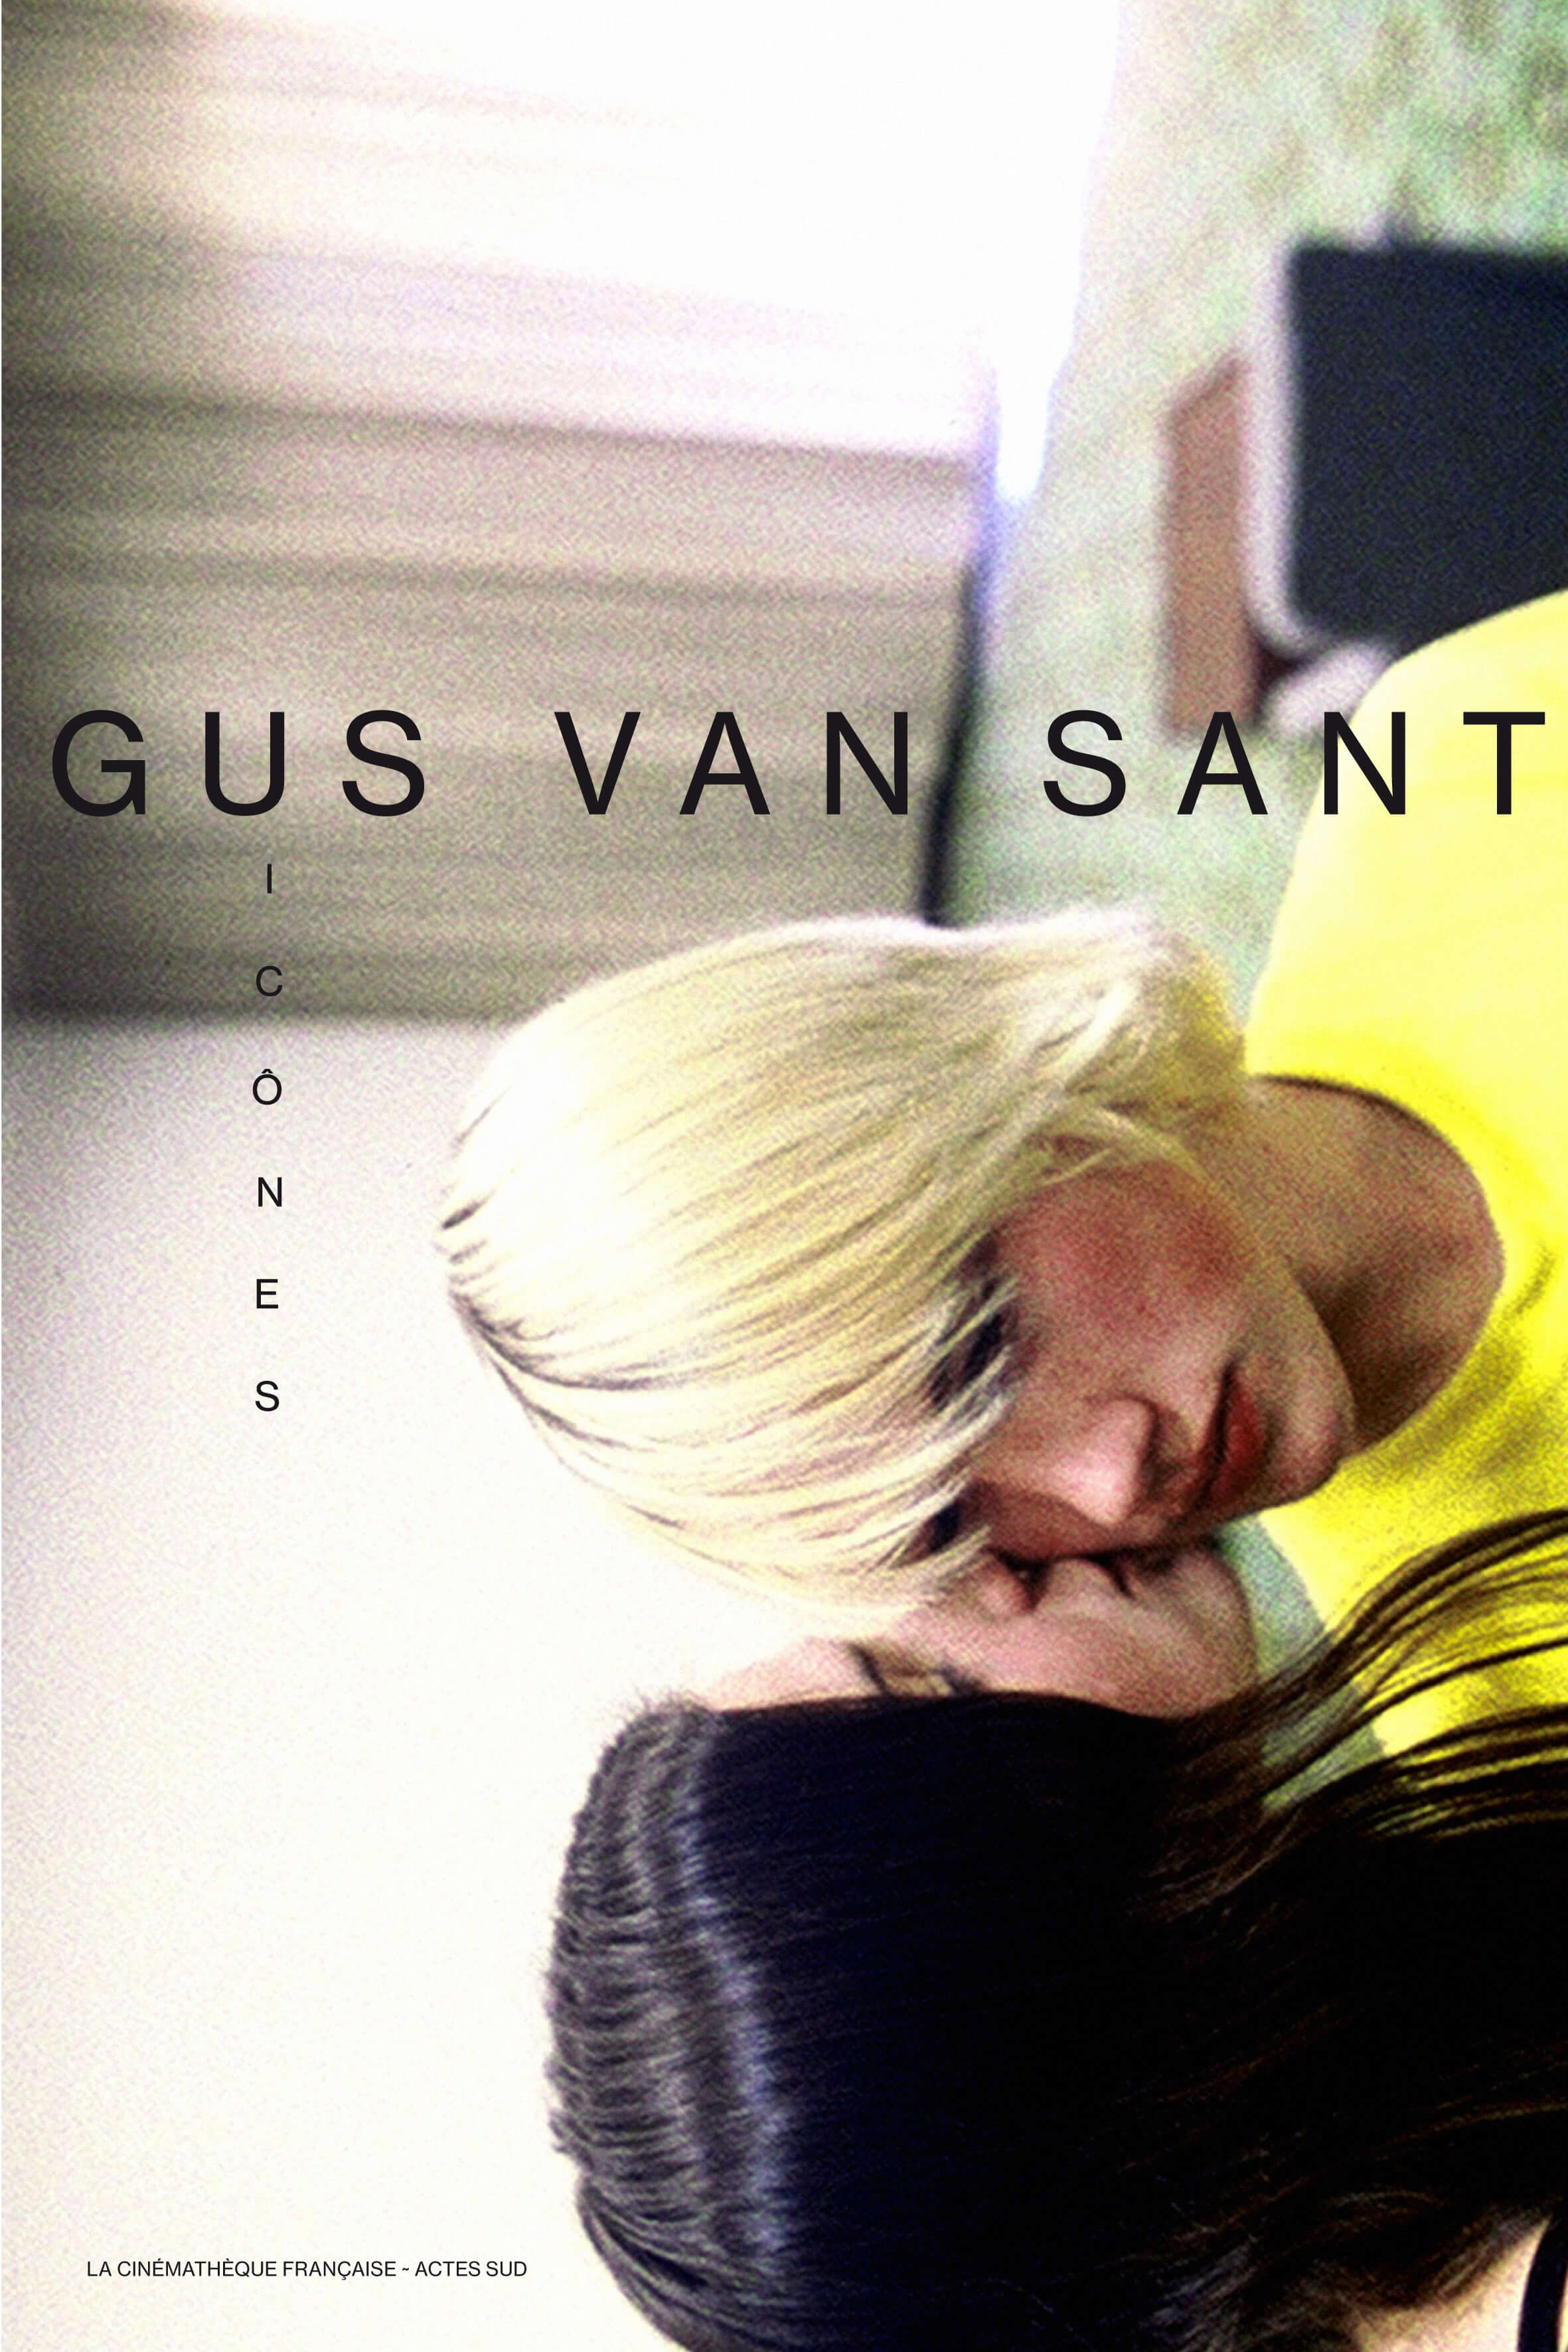 Обкладинка каталогу виставки Ґас Ван Сент. Ікони, спільне видання Cinémathèque française та Actes Sud